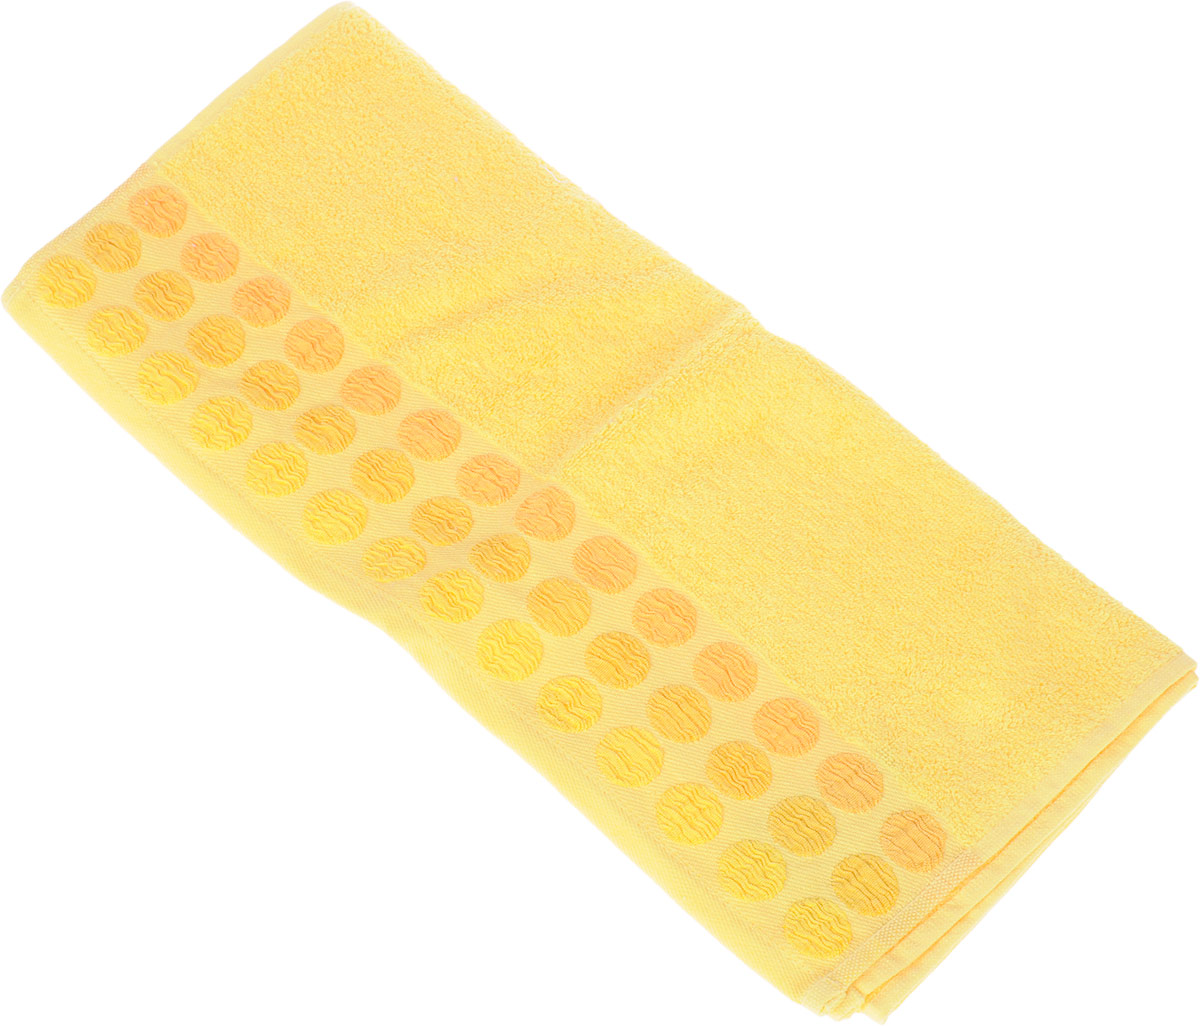 Полотенце Brielle Point, цвет: желтый, 50 х 90 см391602Полотенце Brielle Point выполнено из 100% хлопка. Изделие очень мягкое, оно отлично впитывает влагу, быстро сохнет, сохраняет яркость цвета и не теряет формы даже после многократных стирок. Модель оформлена рисунком.Полотенце Brielle Point очень практично и неприхотливо в уходе. Такое полотенце послужит приятным подарком.